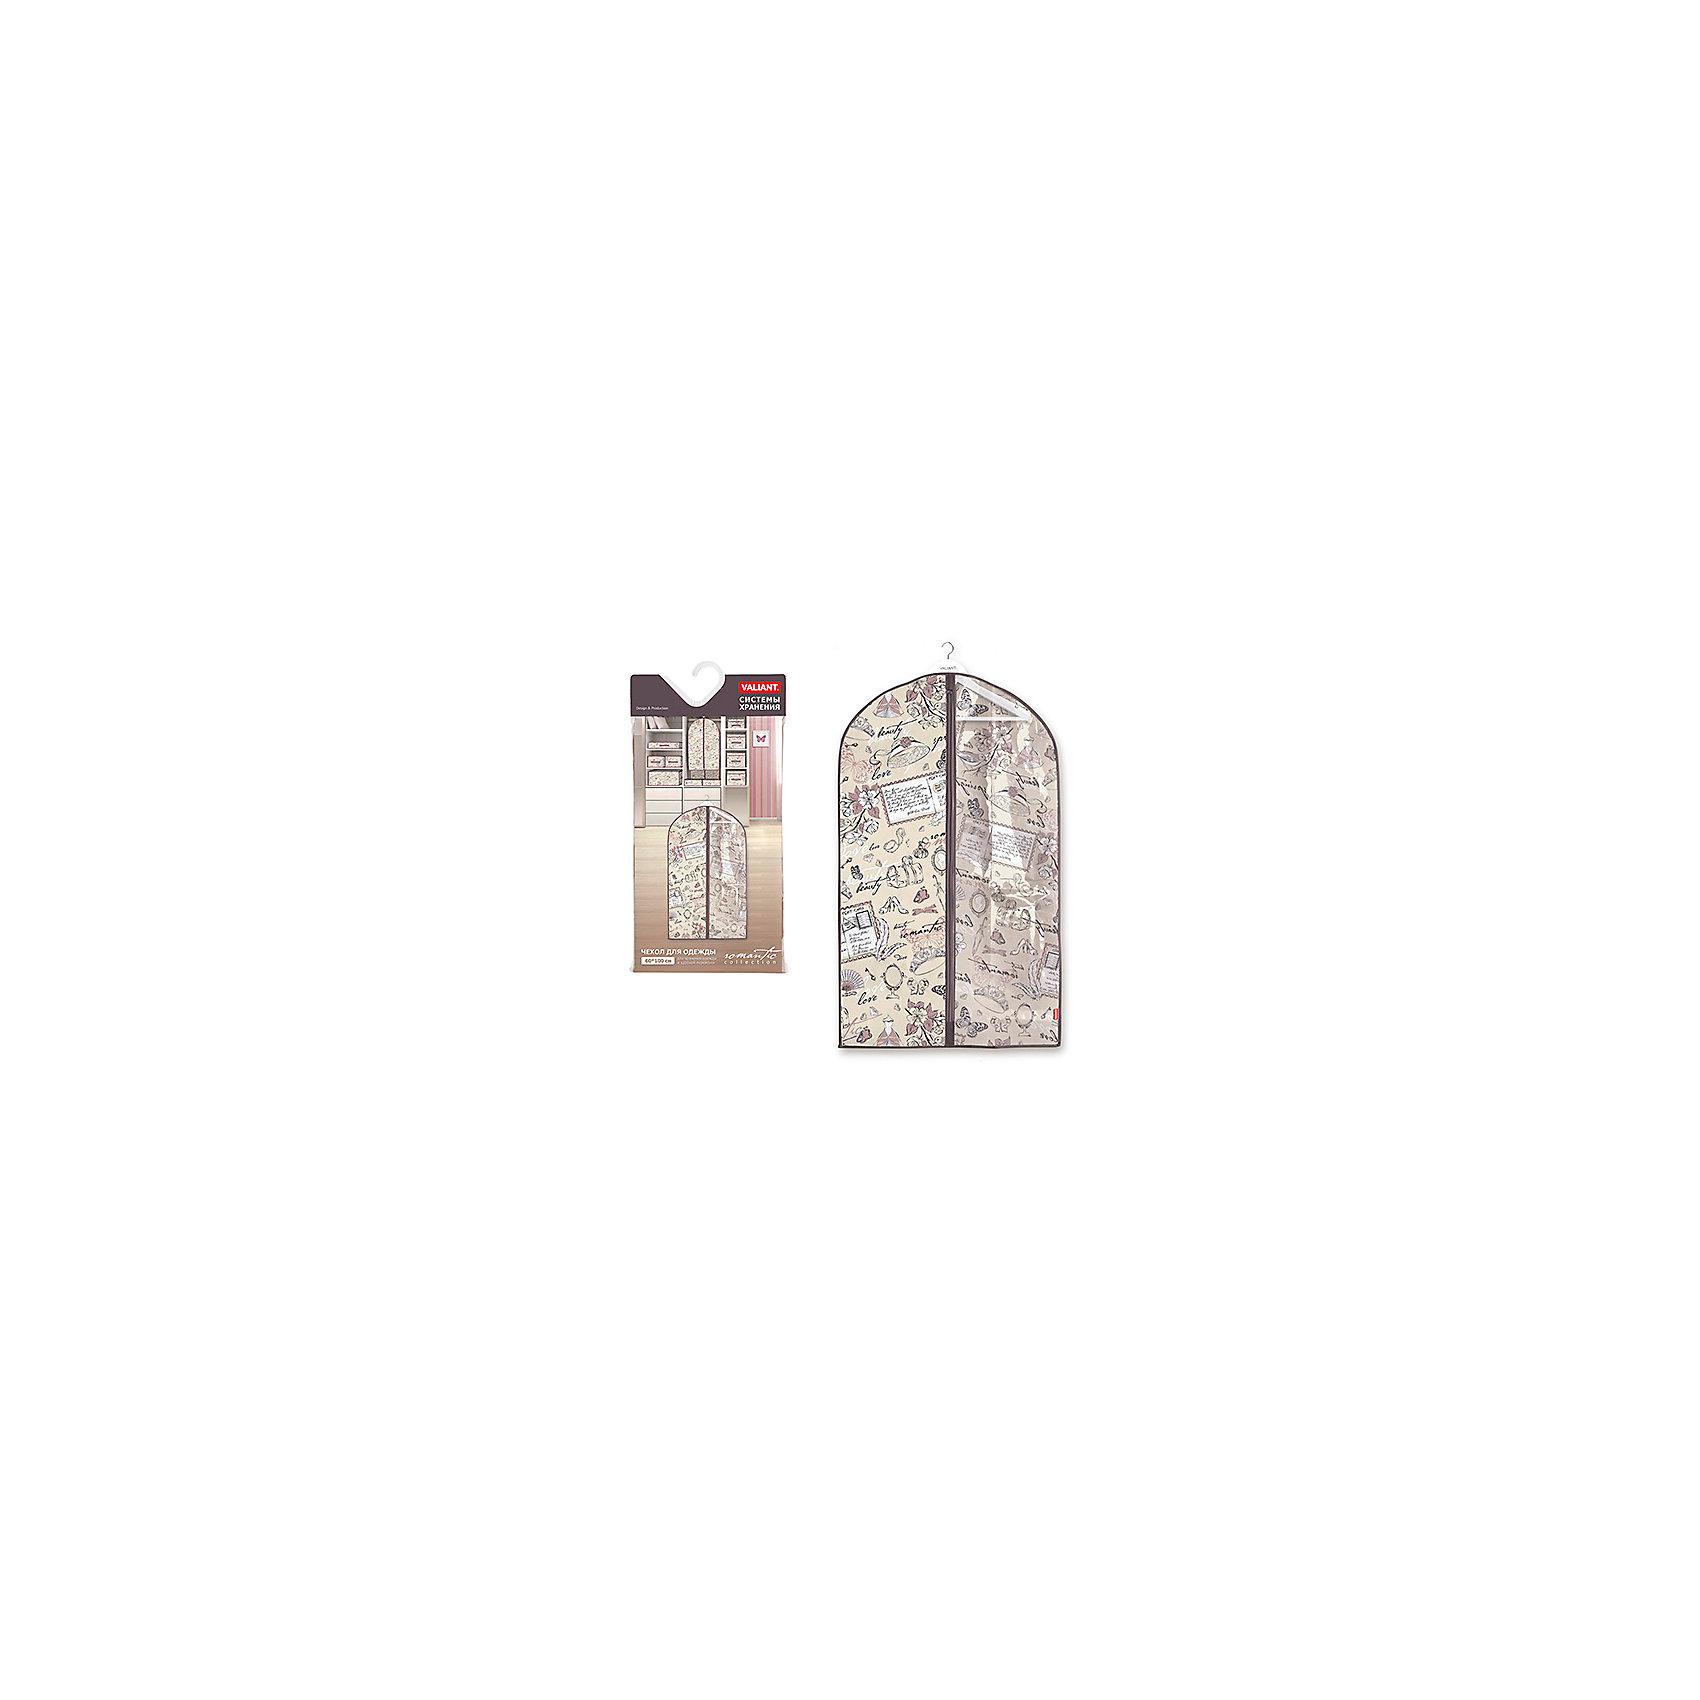 VALIANT Чехол для одежды с прозрачной вставкой, малый, 60*100 см, ROMANTIC, Valiant чехол для одежды hausmann подвесной с прозрачной вставкой цвет серый 60 х 100 см